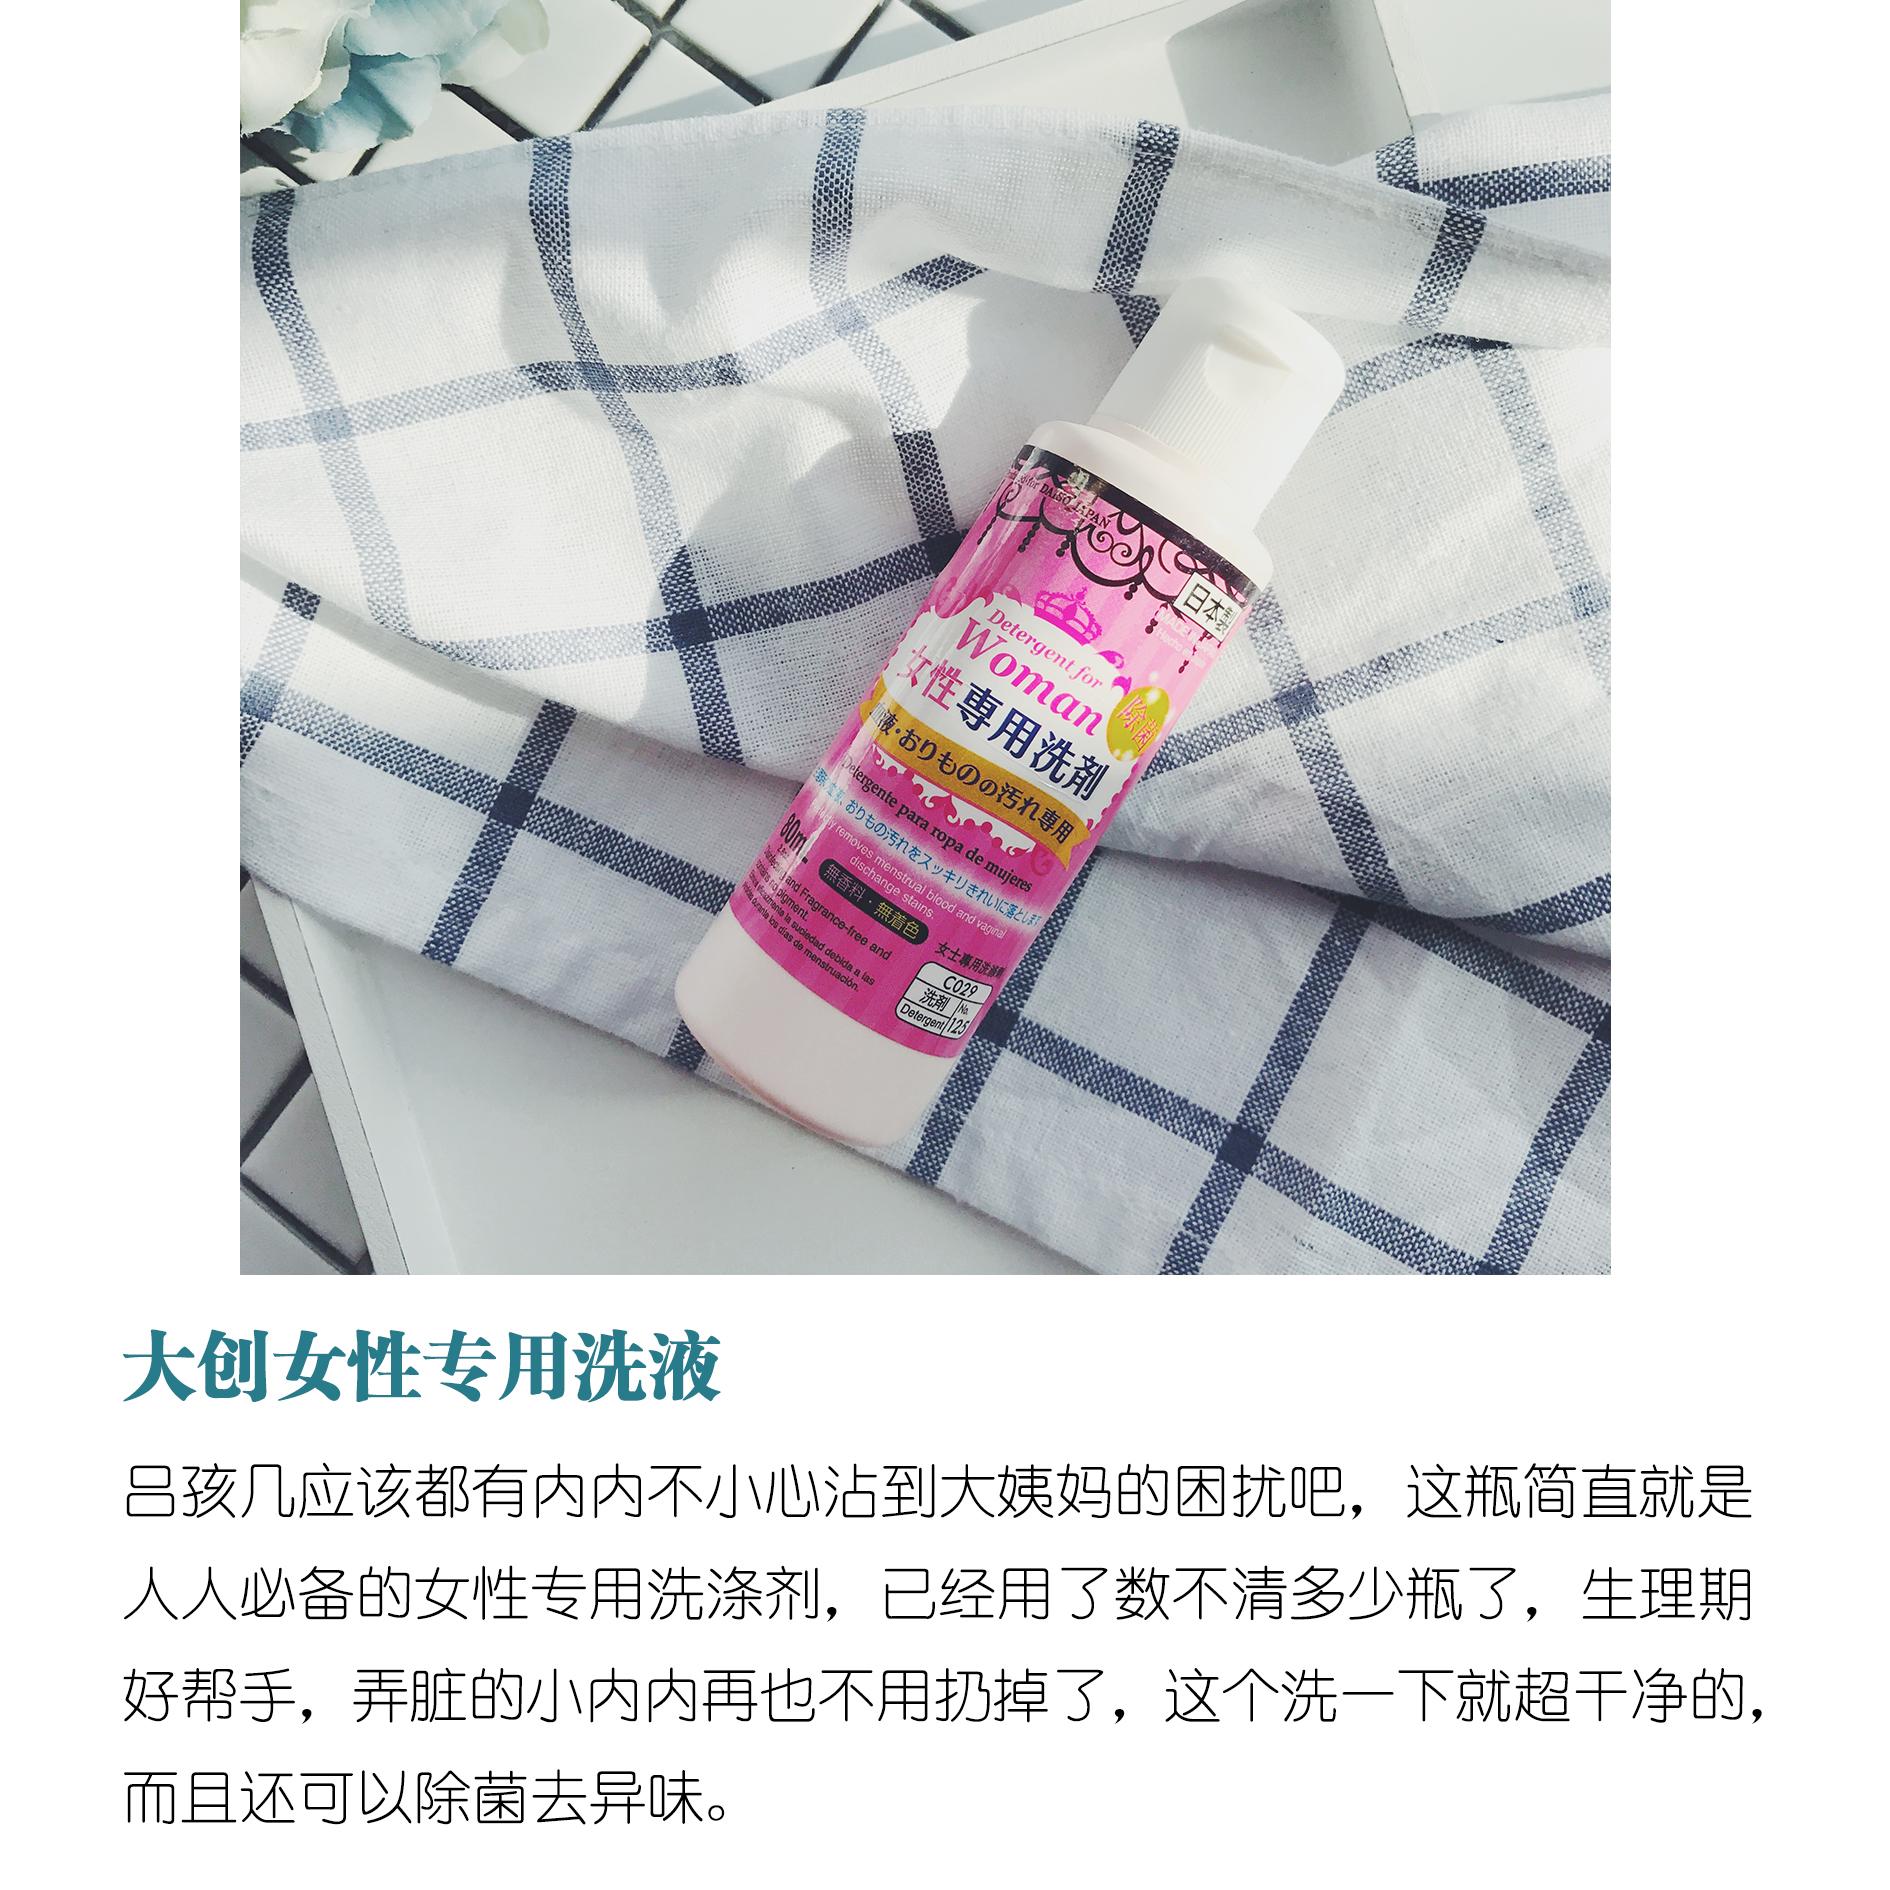 44大创女性洗涤剂.jpg